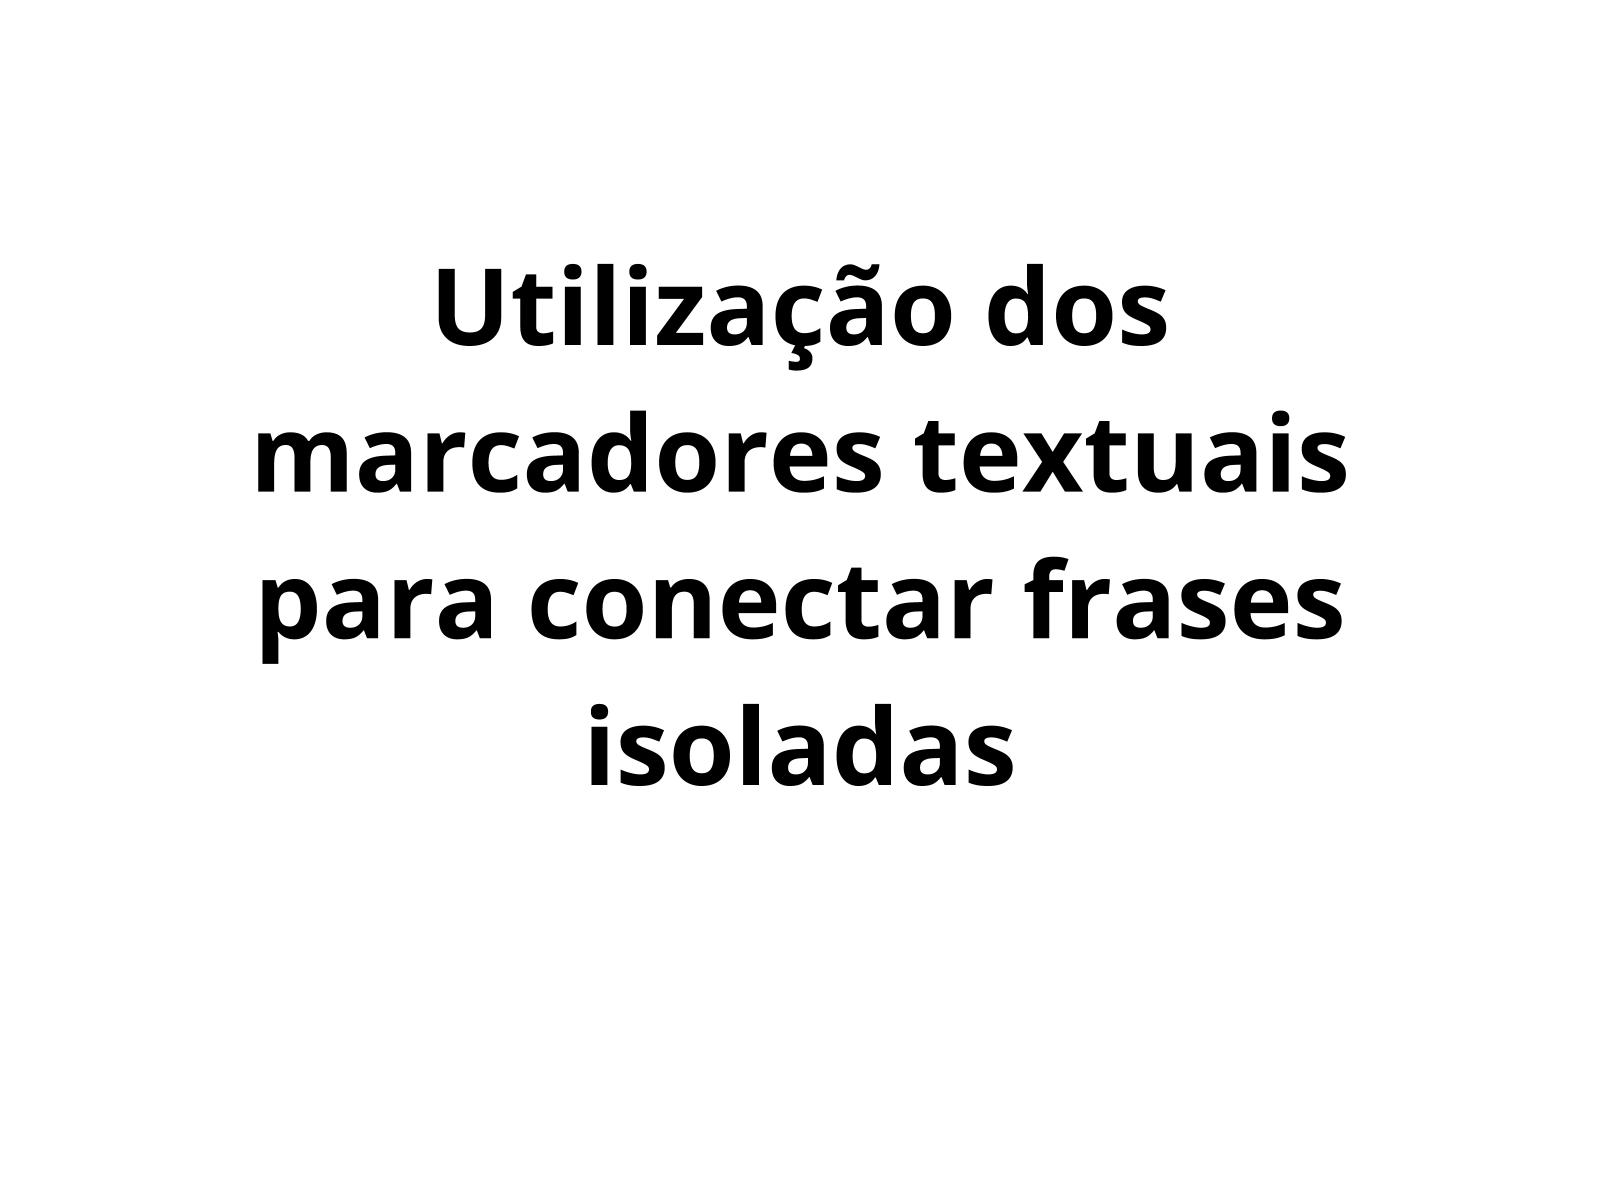 Utilização dos marcadores textuais para conectar frases isoladas